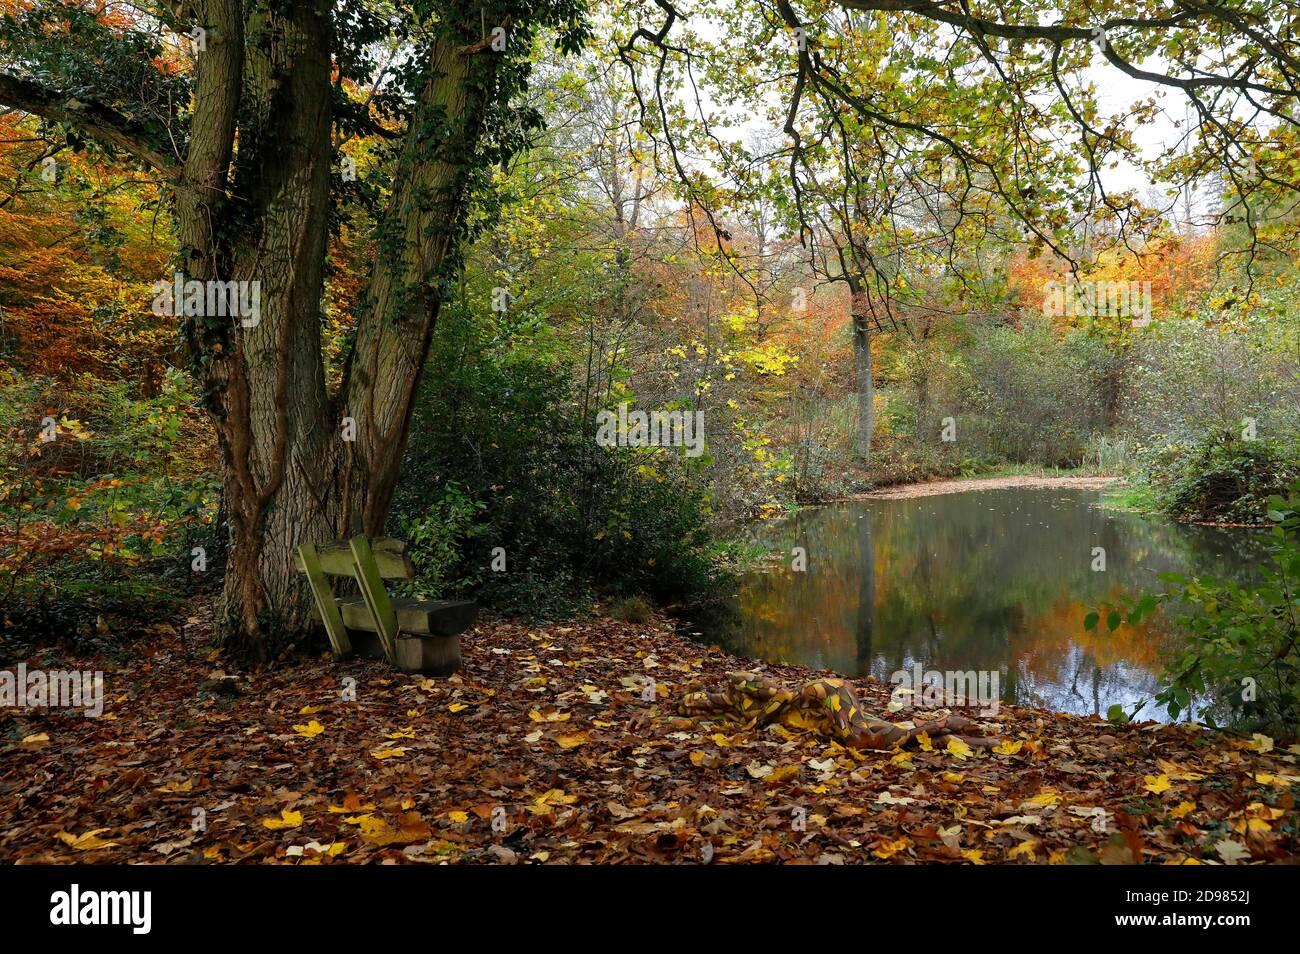 Naturaleza Arte: Hojas de otoño bodypainting y fotoshooting con modelo Lena Kiel en un estanque forestal en Bruennighausen el 01 de noviembre de 2020 - Bodypainting artista: Joerg Duesterwald Foto de stock